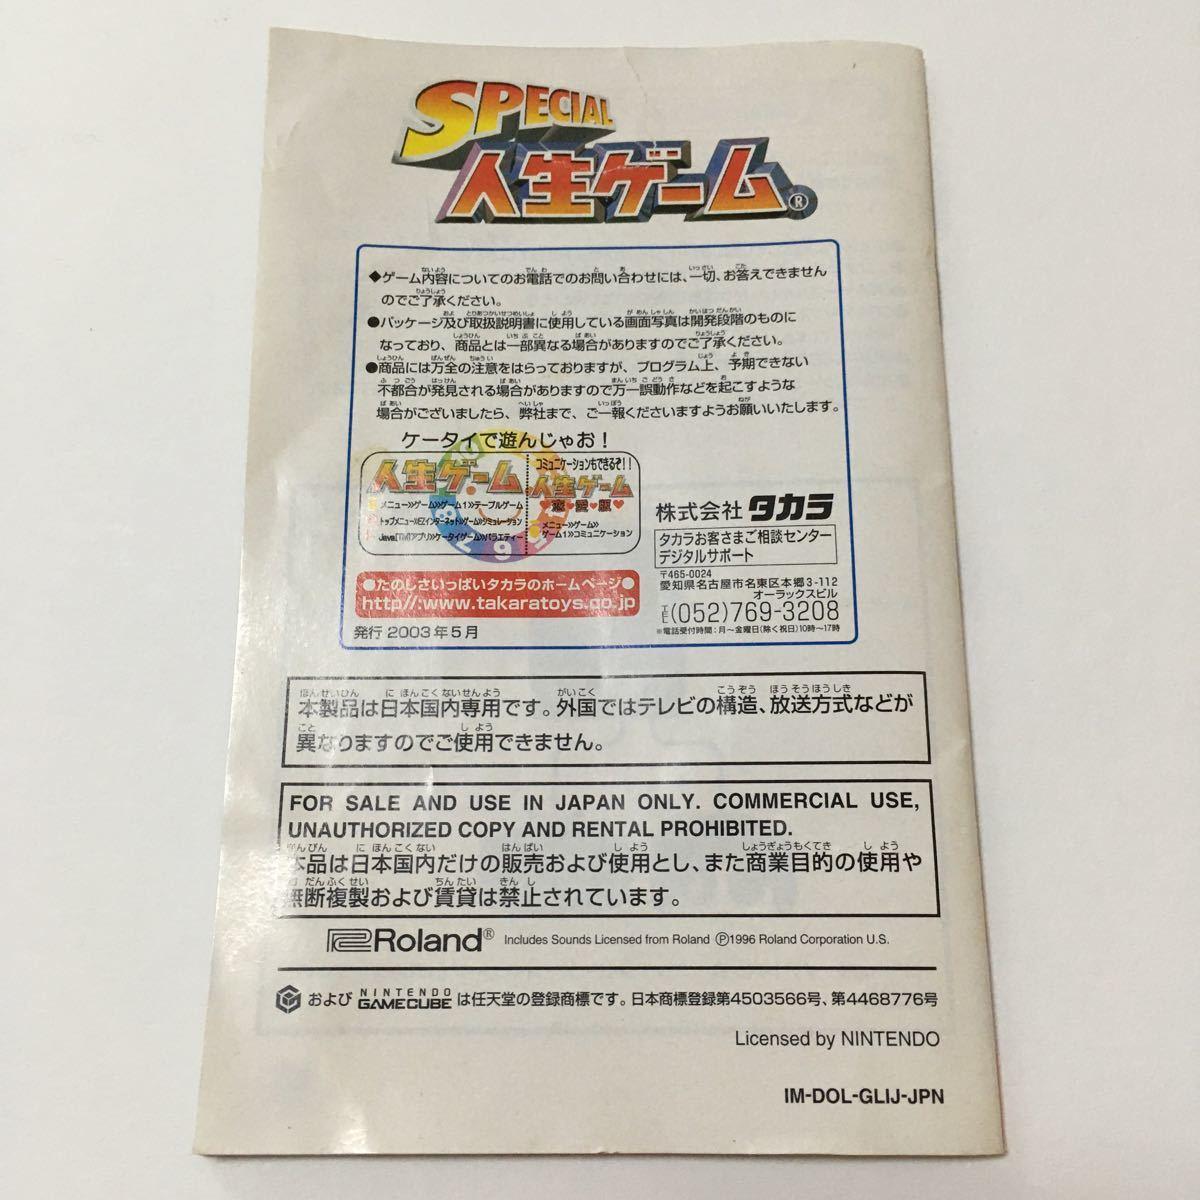 ゲームキューブ ソフト スペシャル ライフ 人生ゲーム 動作確認済み レトロ ゲーム ニンテンドー 任天堂 ボードゲーム